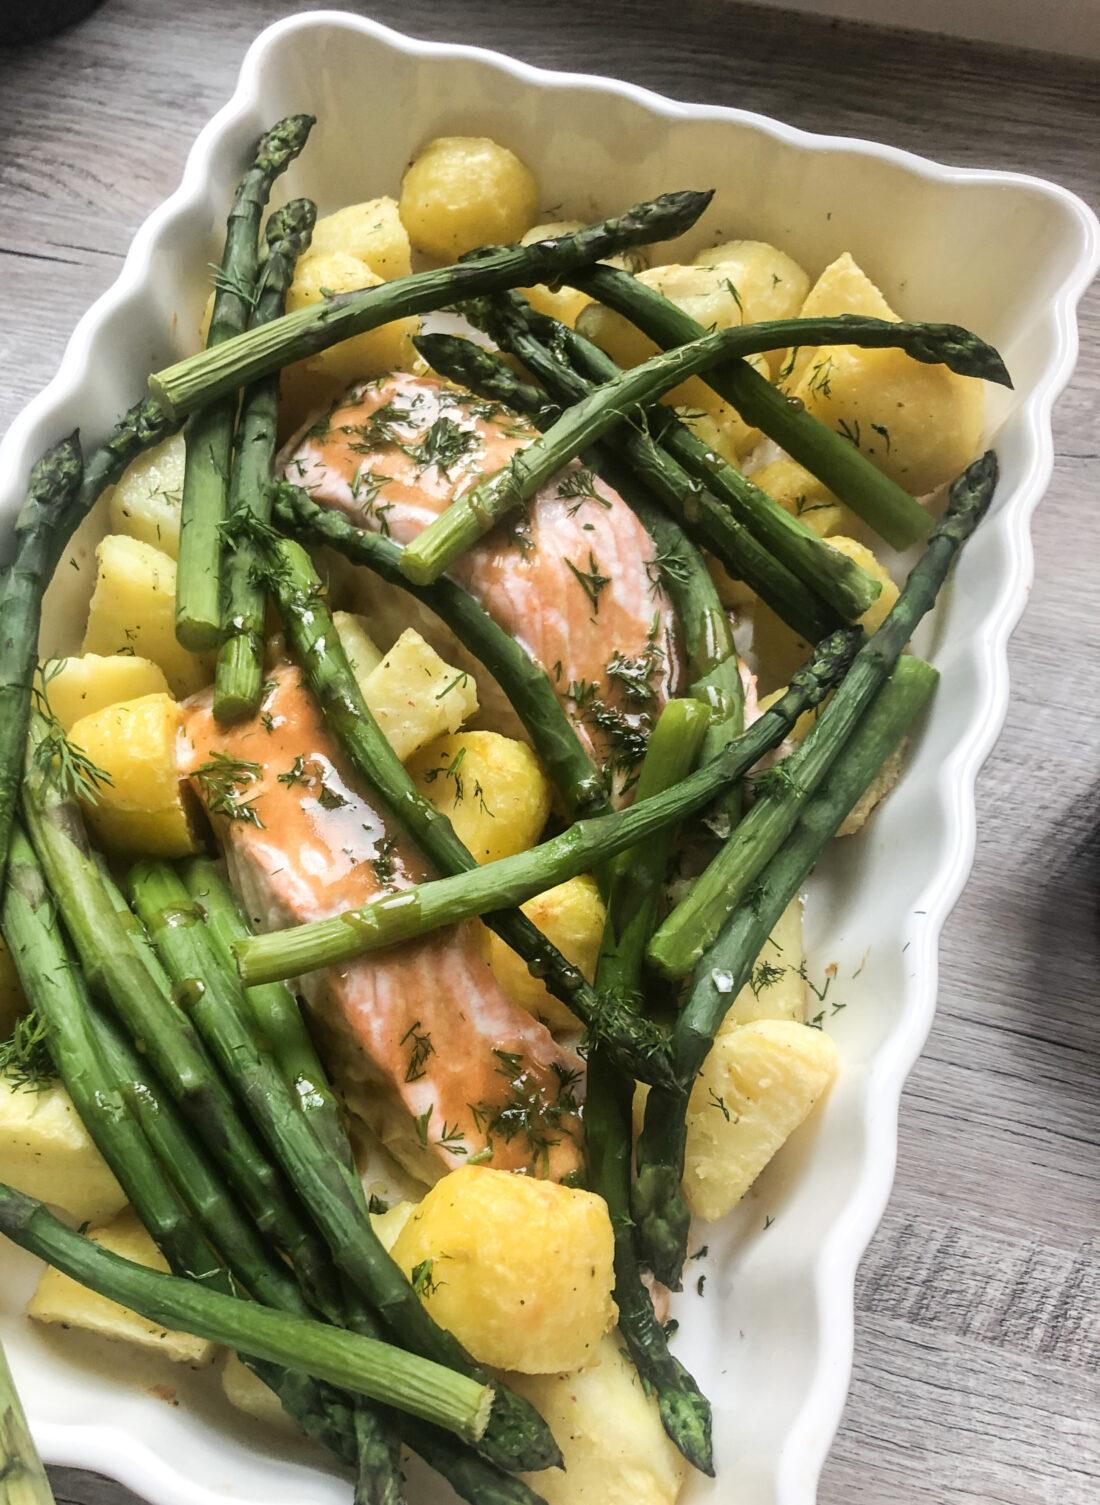 zalm met groene asperger, aardappelen en mosterd-dillesaus